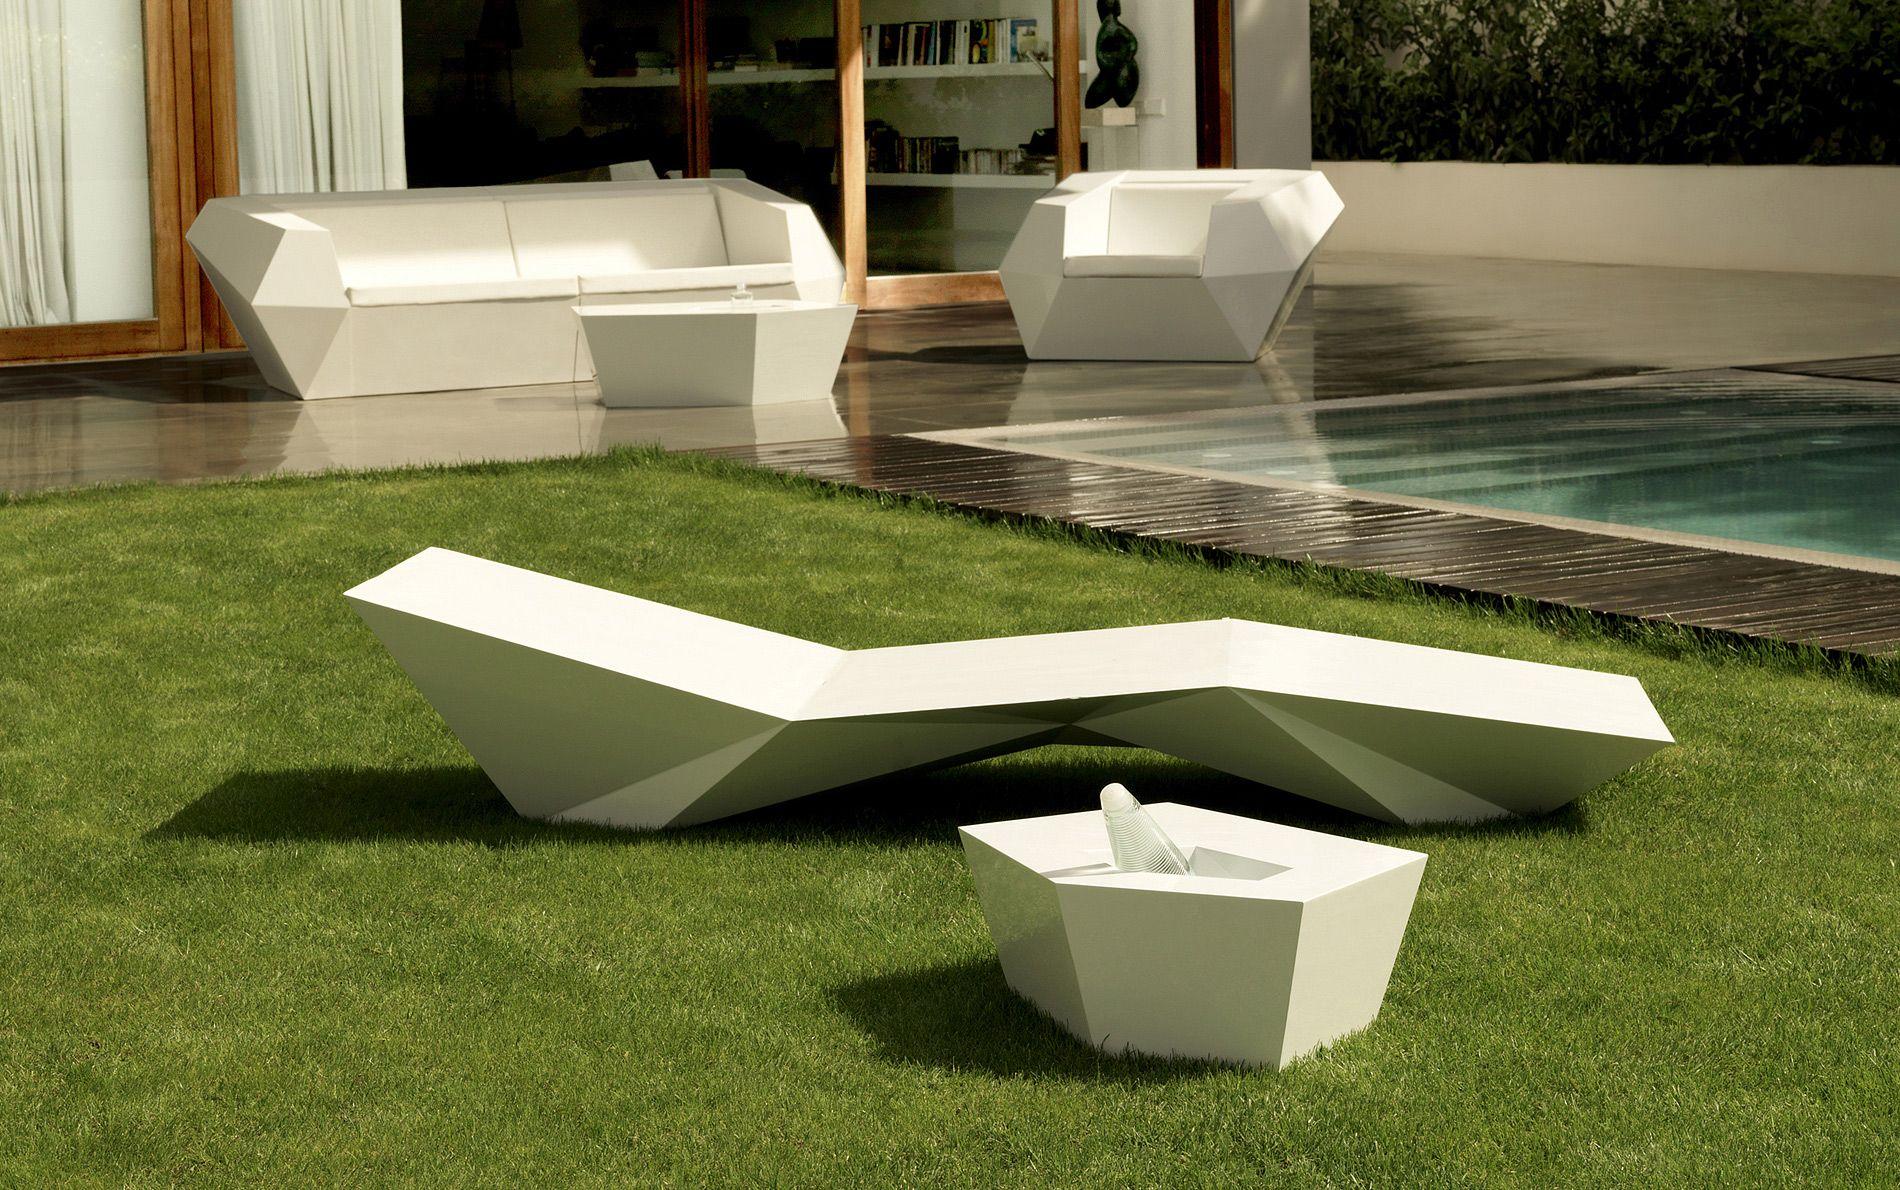 Designer Gartenliege faz tumbona liege möbel gartenmöbel gartensitzmöbel